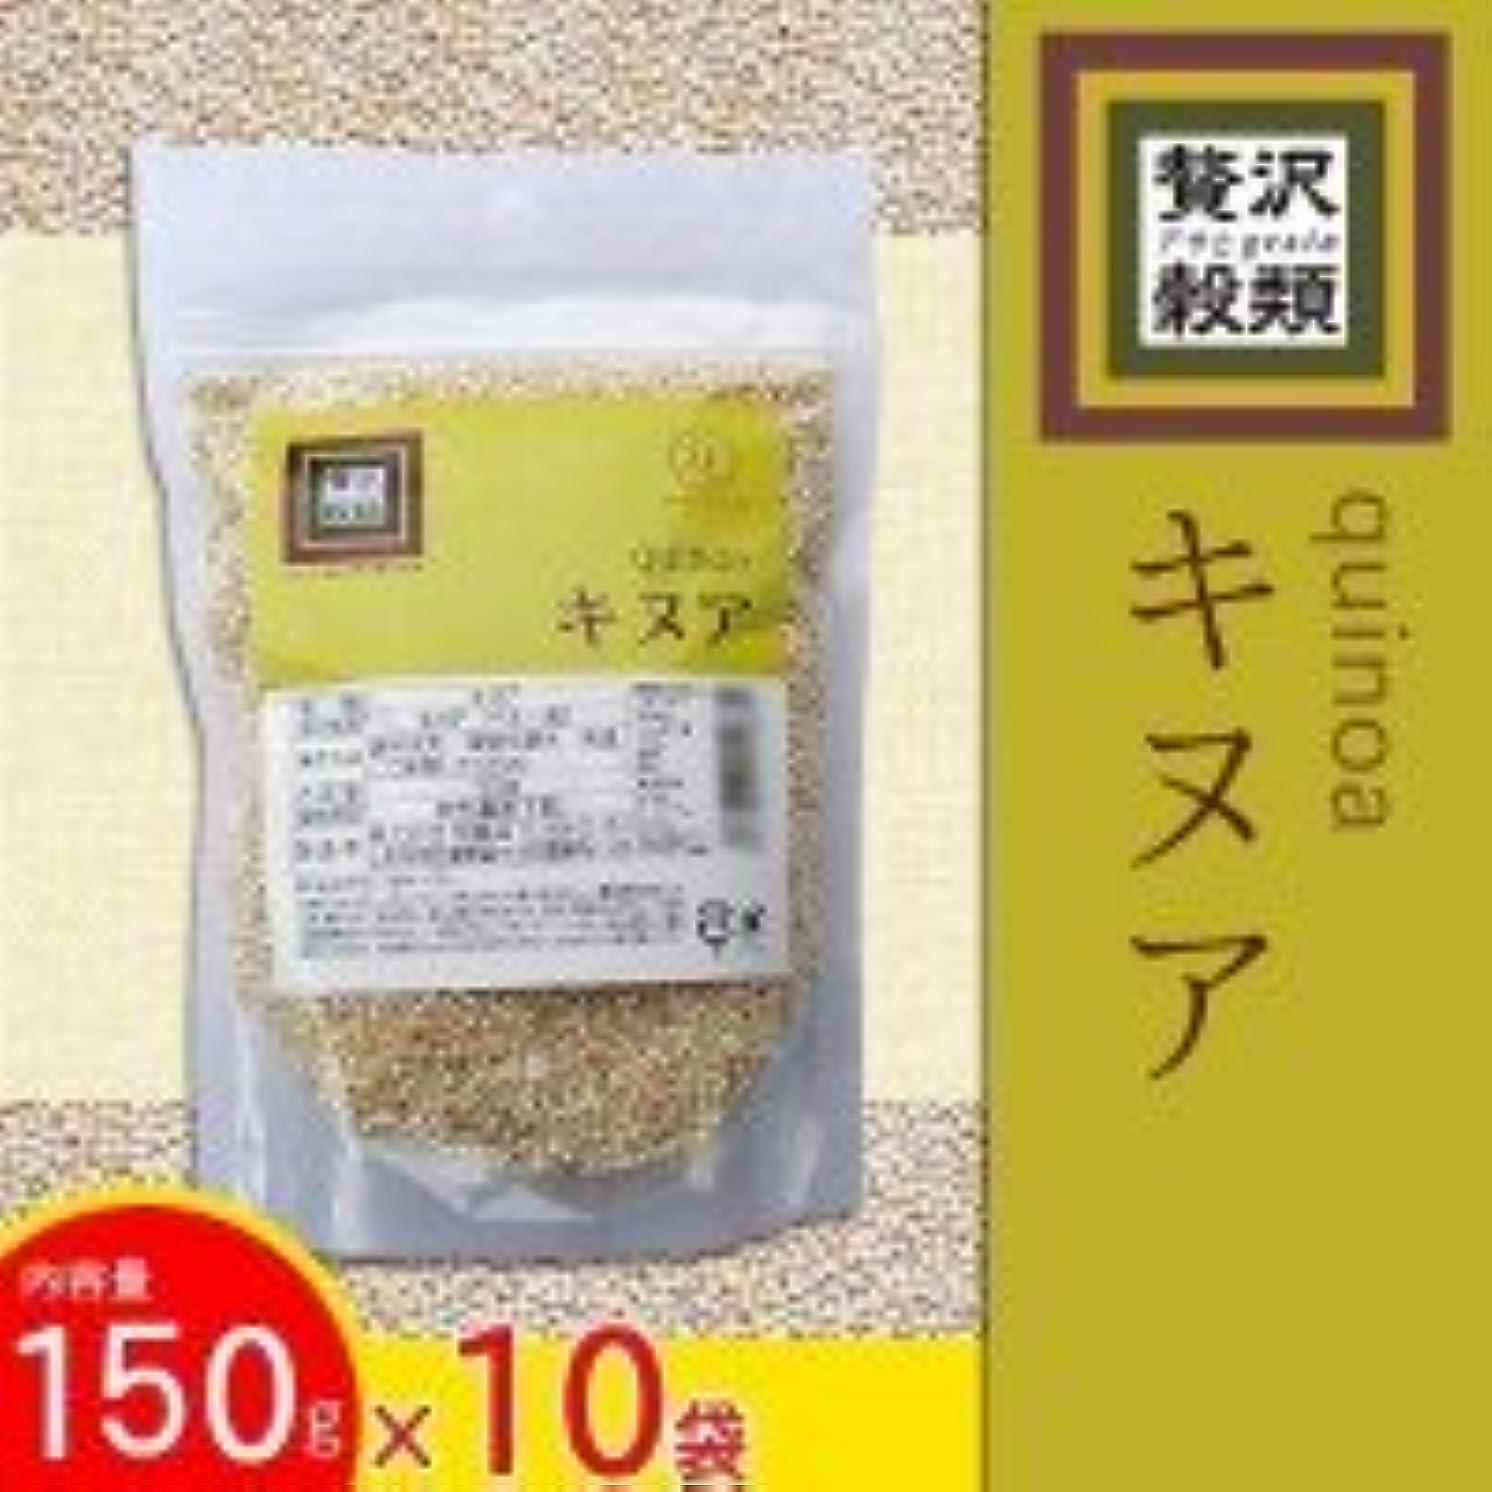 リットル山岳ローン贅沢穀類 キヌア 150g×10袋